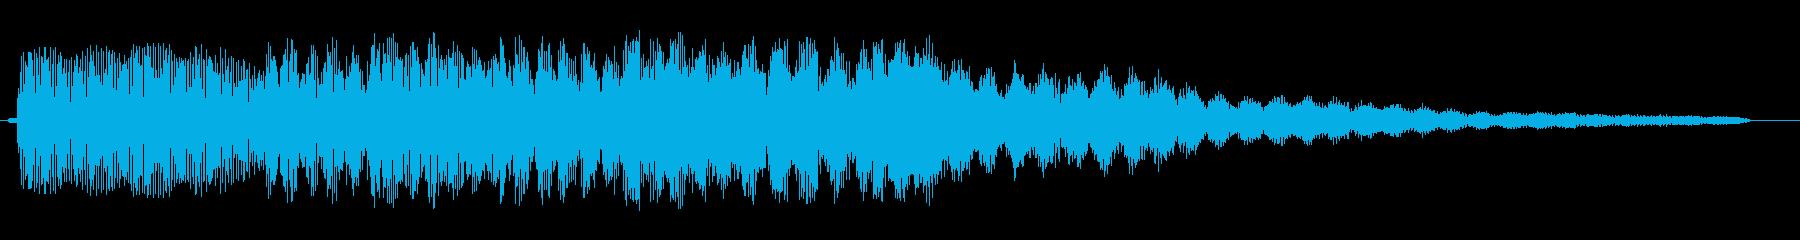 ピンポンパンポン、というお知らせ音の再生済みの波形